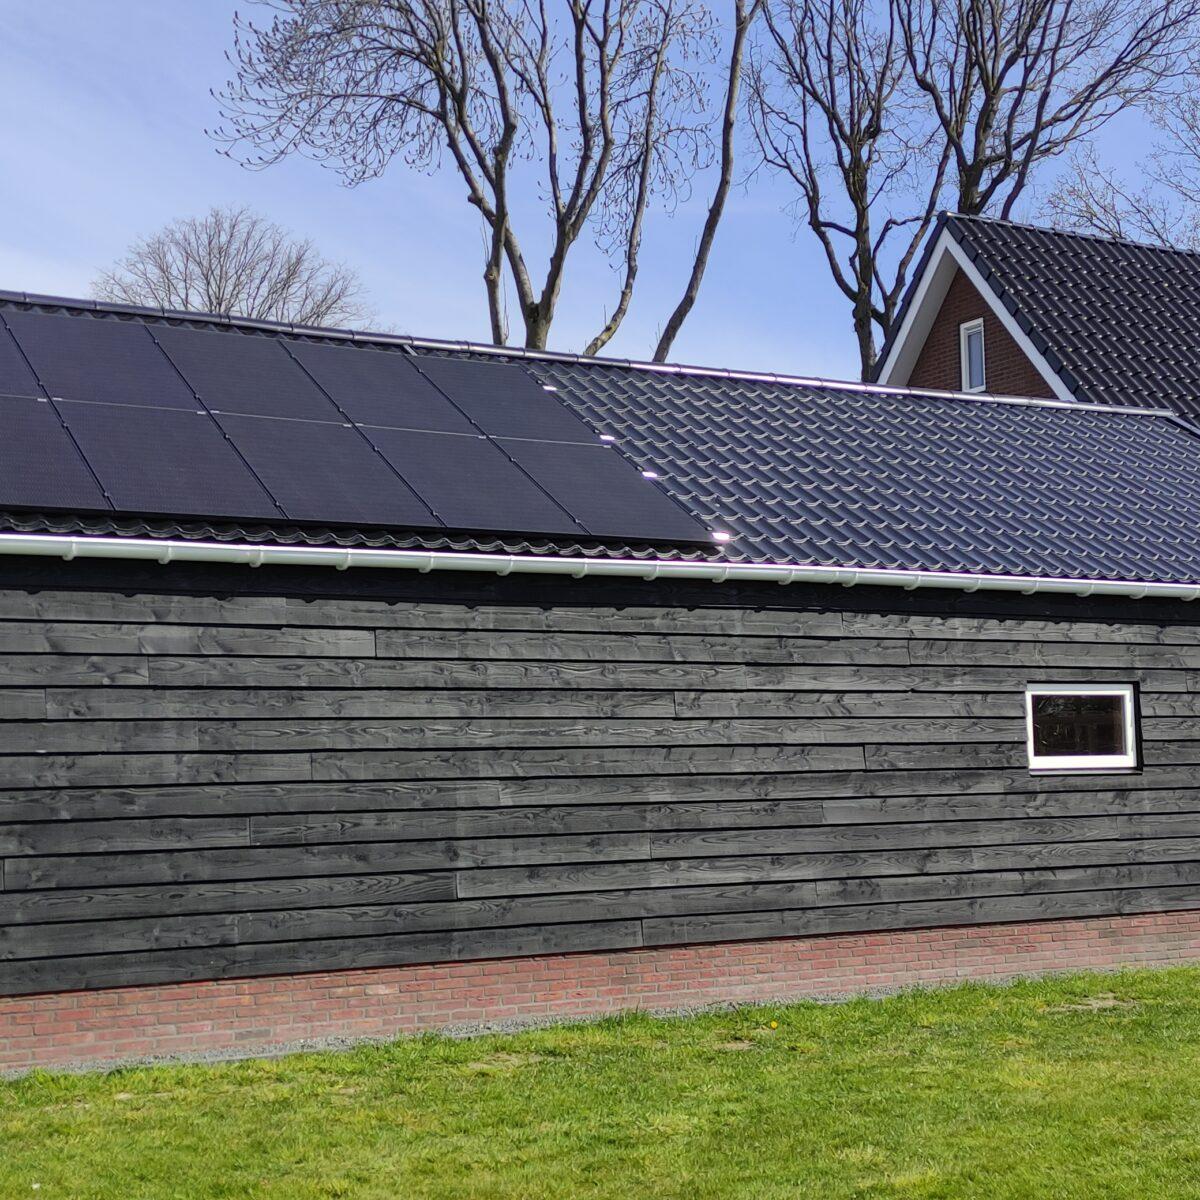 22 stuks oost-west JA Solar zonnepanelen Noordscheschut Drenthe